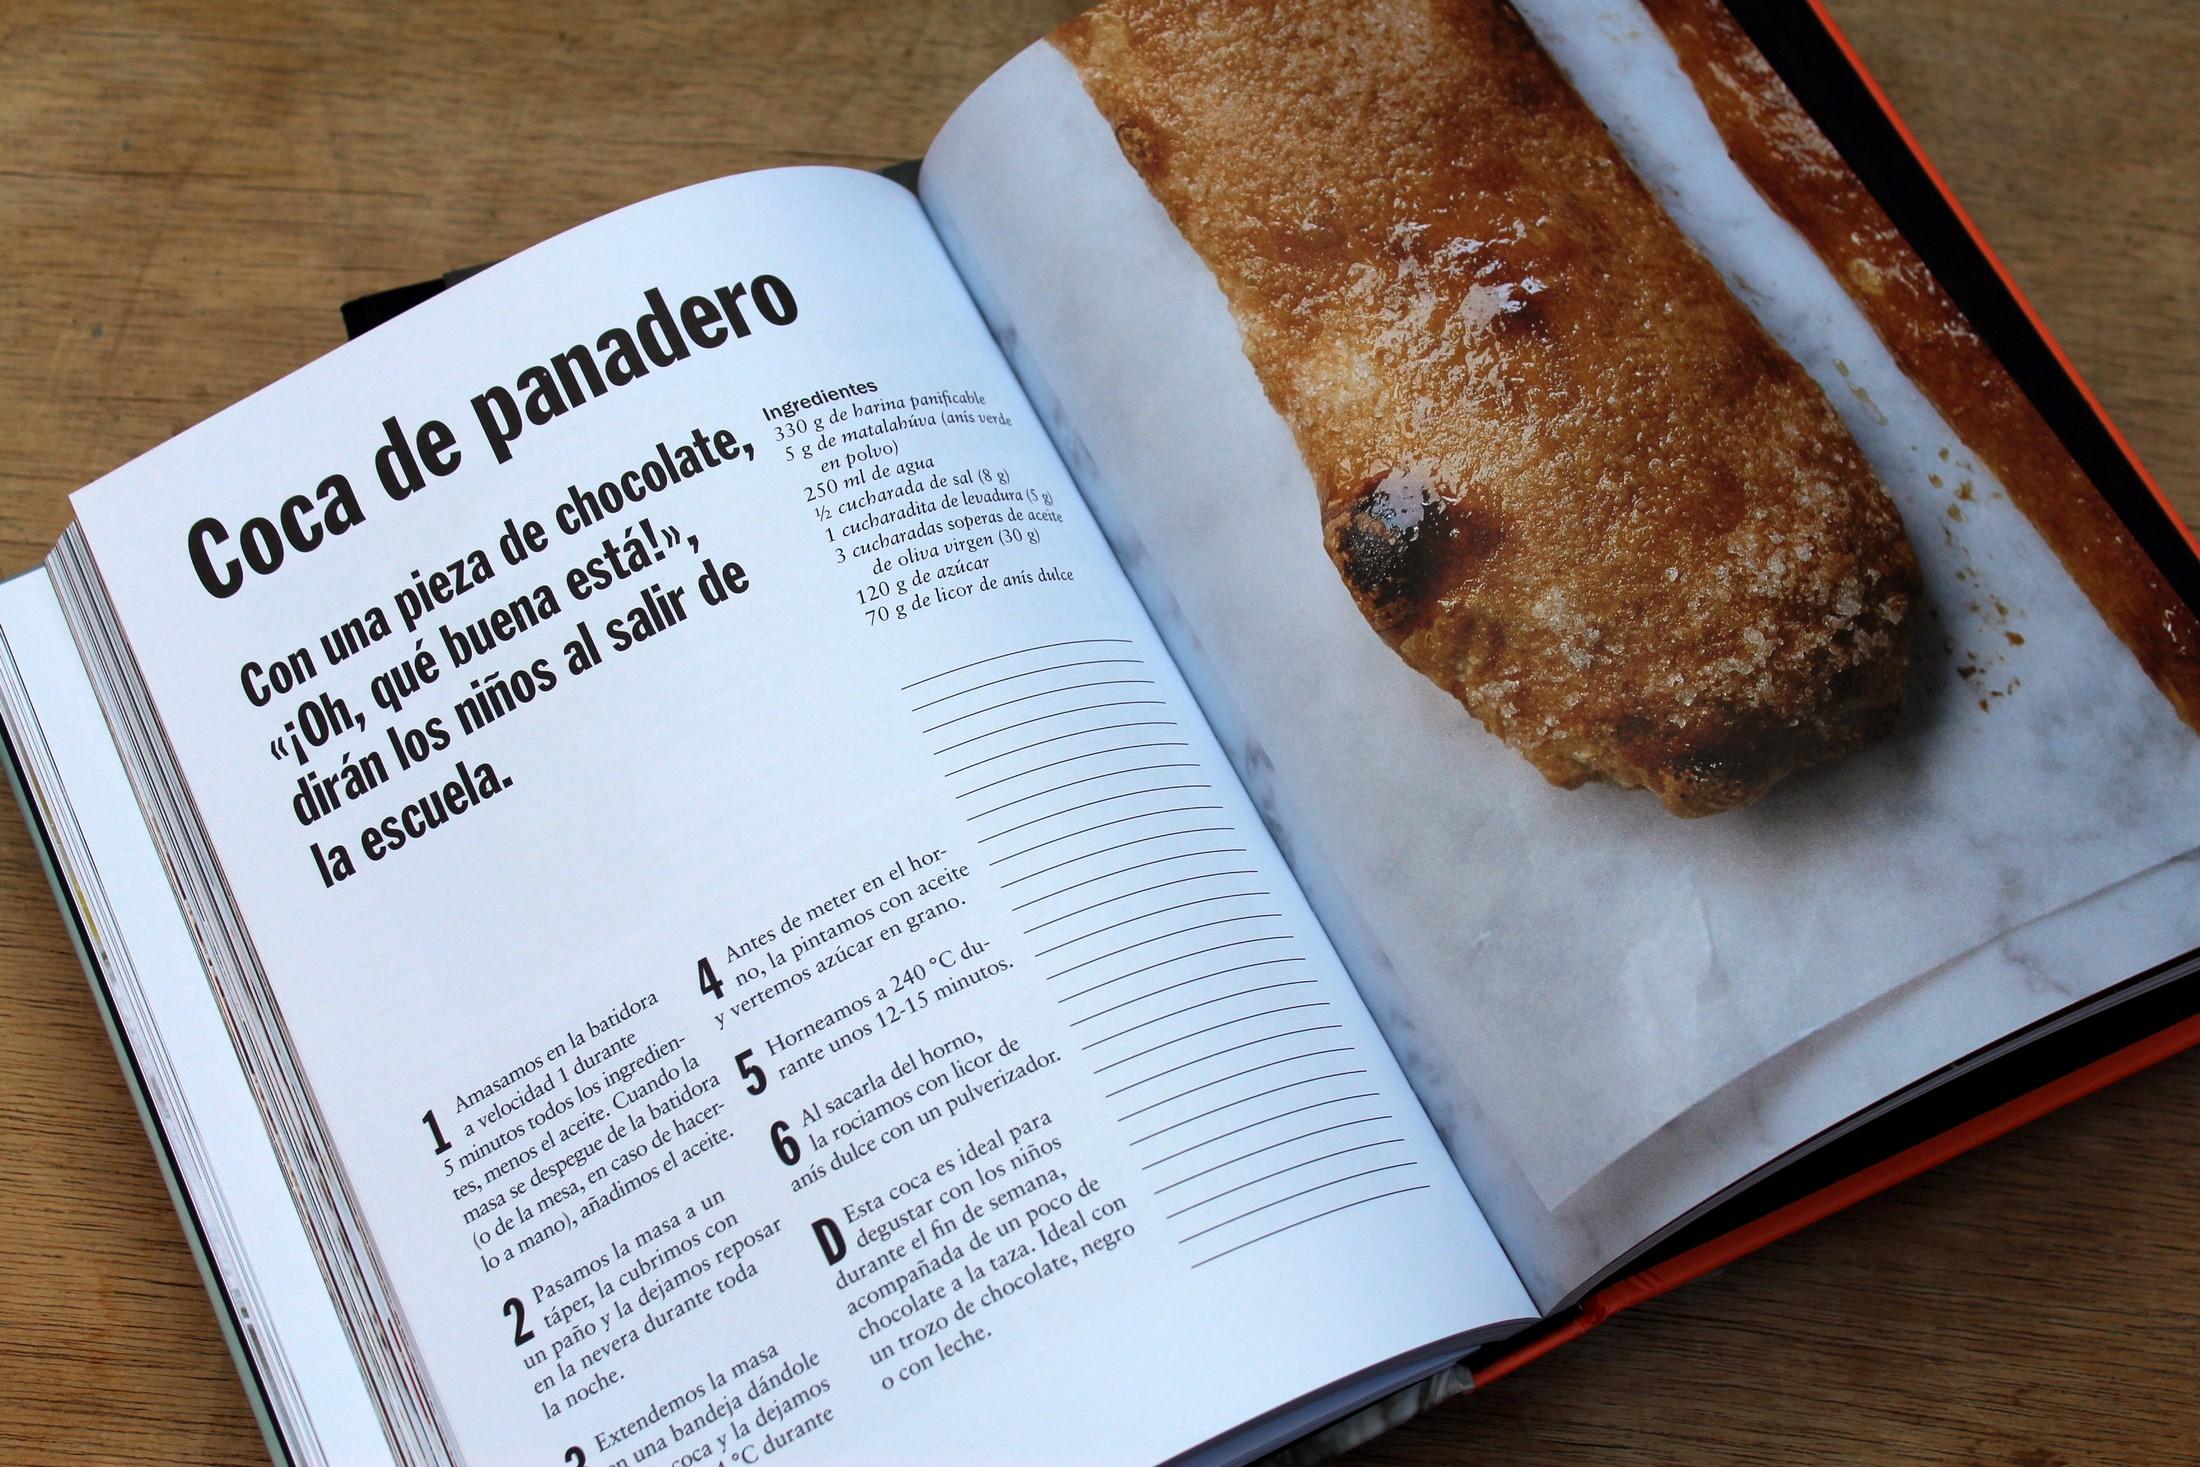 Bake it simple, Receta de coca de panadero